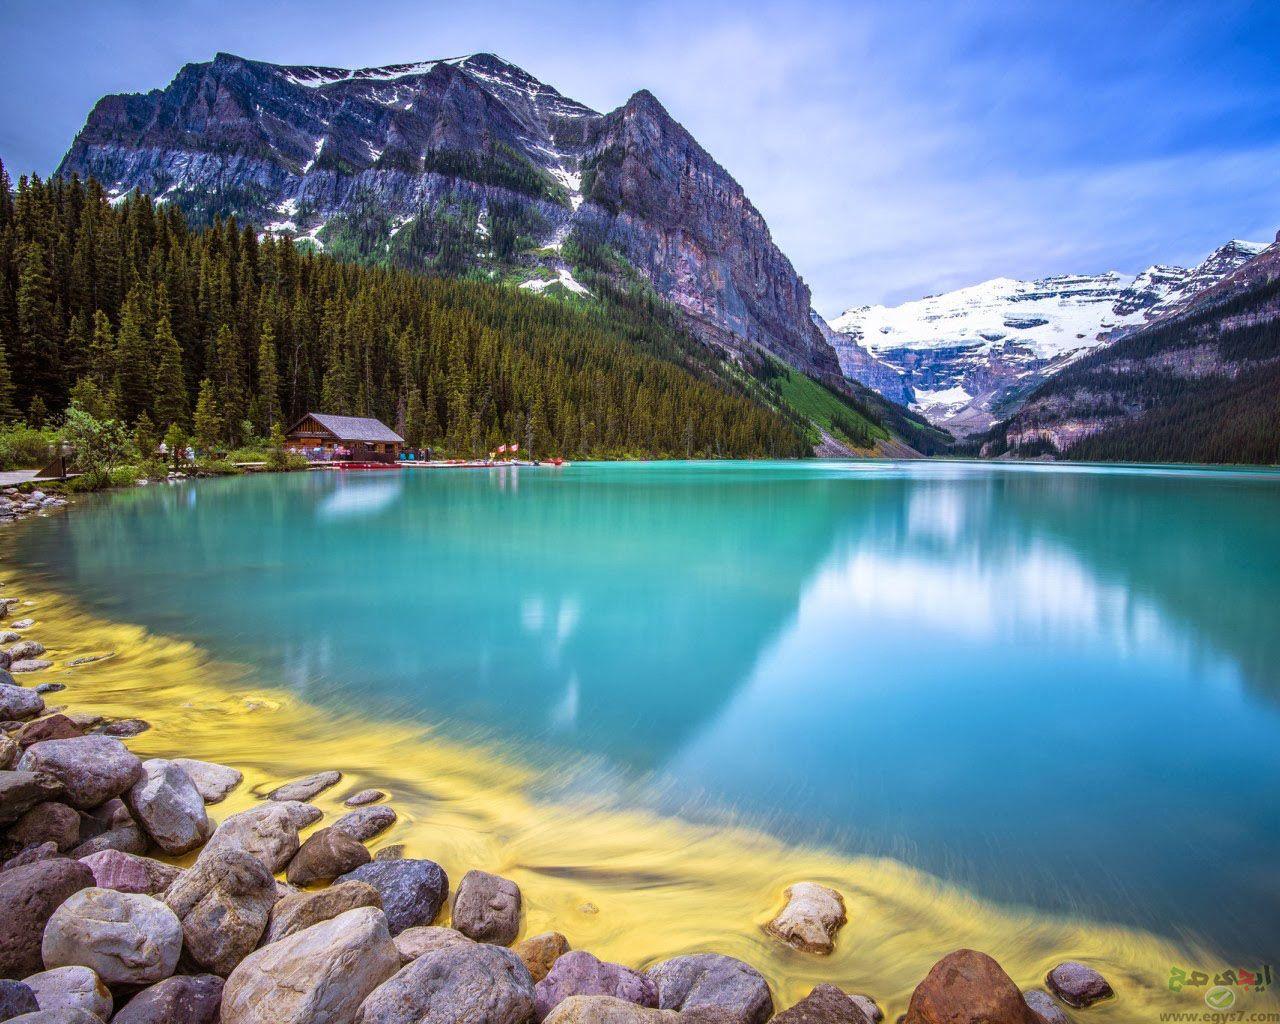 بالصور صور طبيعية صور جمال الطبيعة , خلفيات مناظر روعه 3811 2